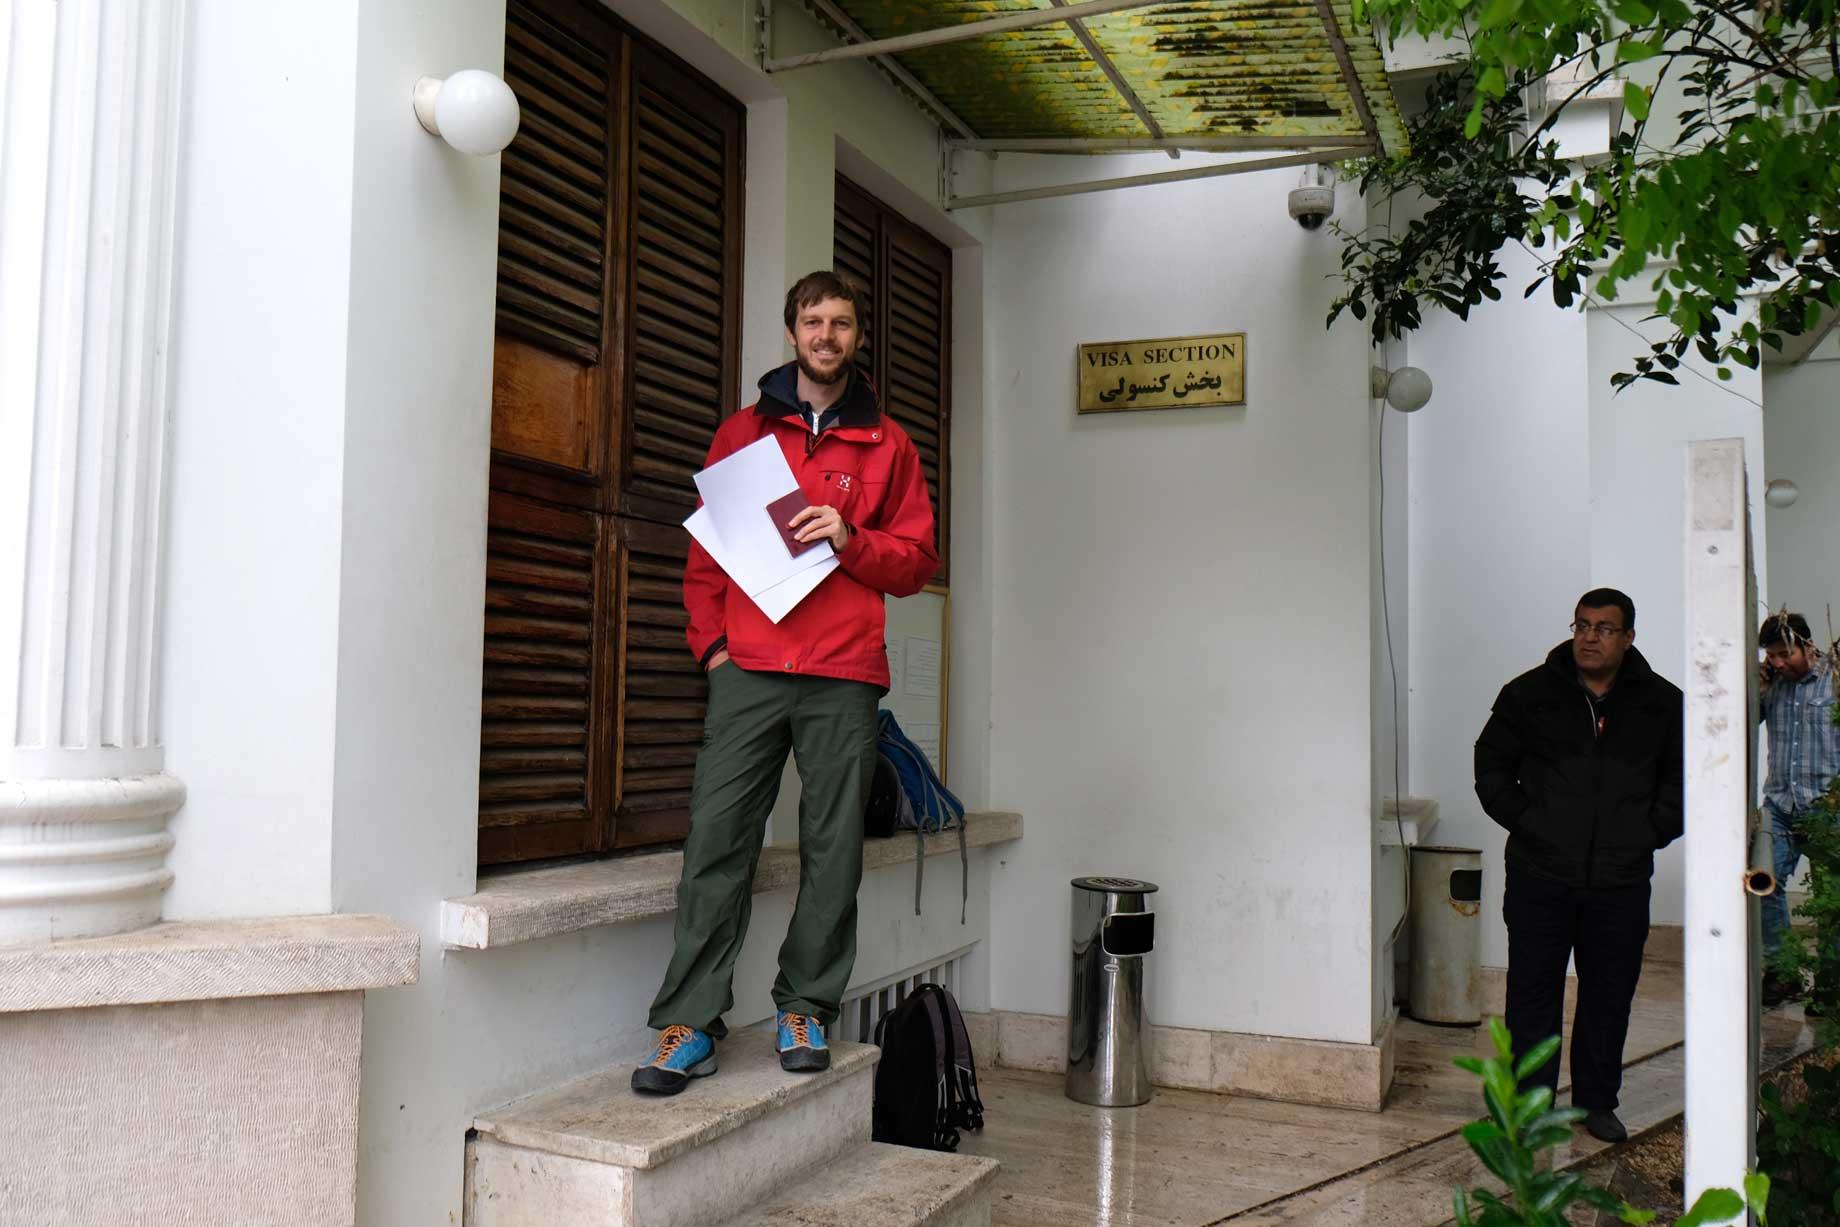 """Sebastian steht mit Pass und Papieren in der Hand vor einem weißen Gebäude mit einem Schild, auf dem """"Visa section"""" steht"""